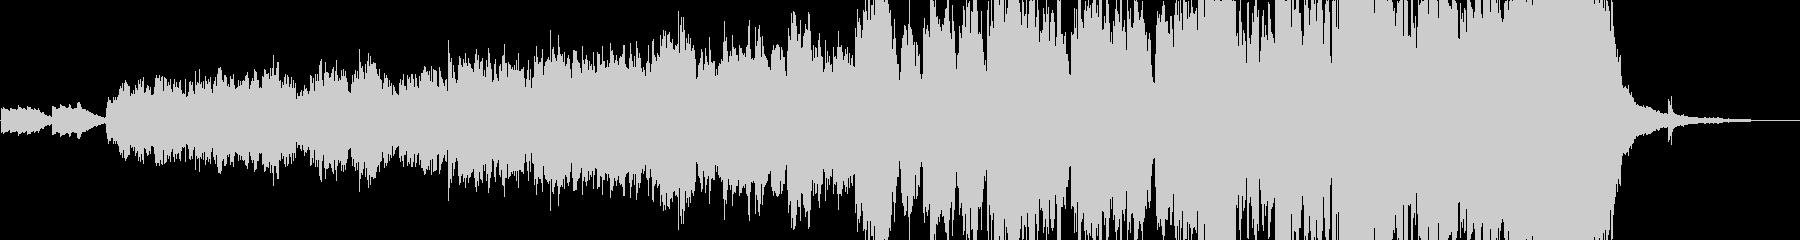 手回しオルガン3拍子 メリーゴーランドの未再生の波形